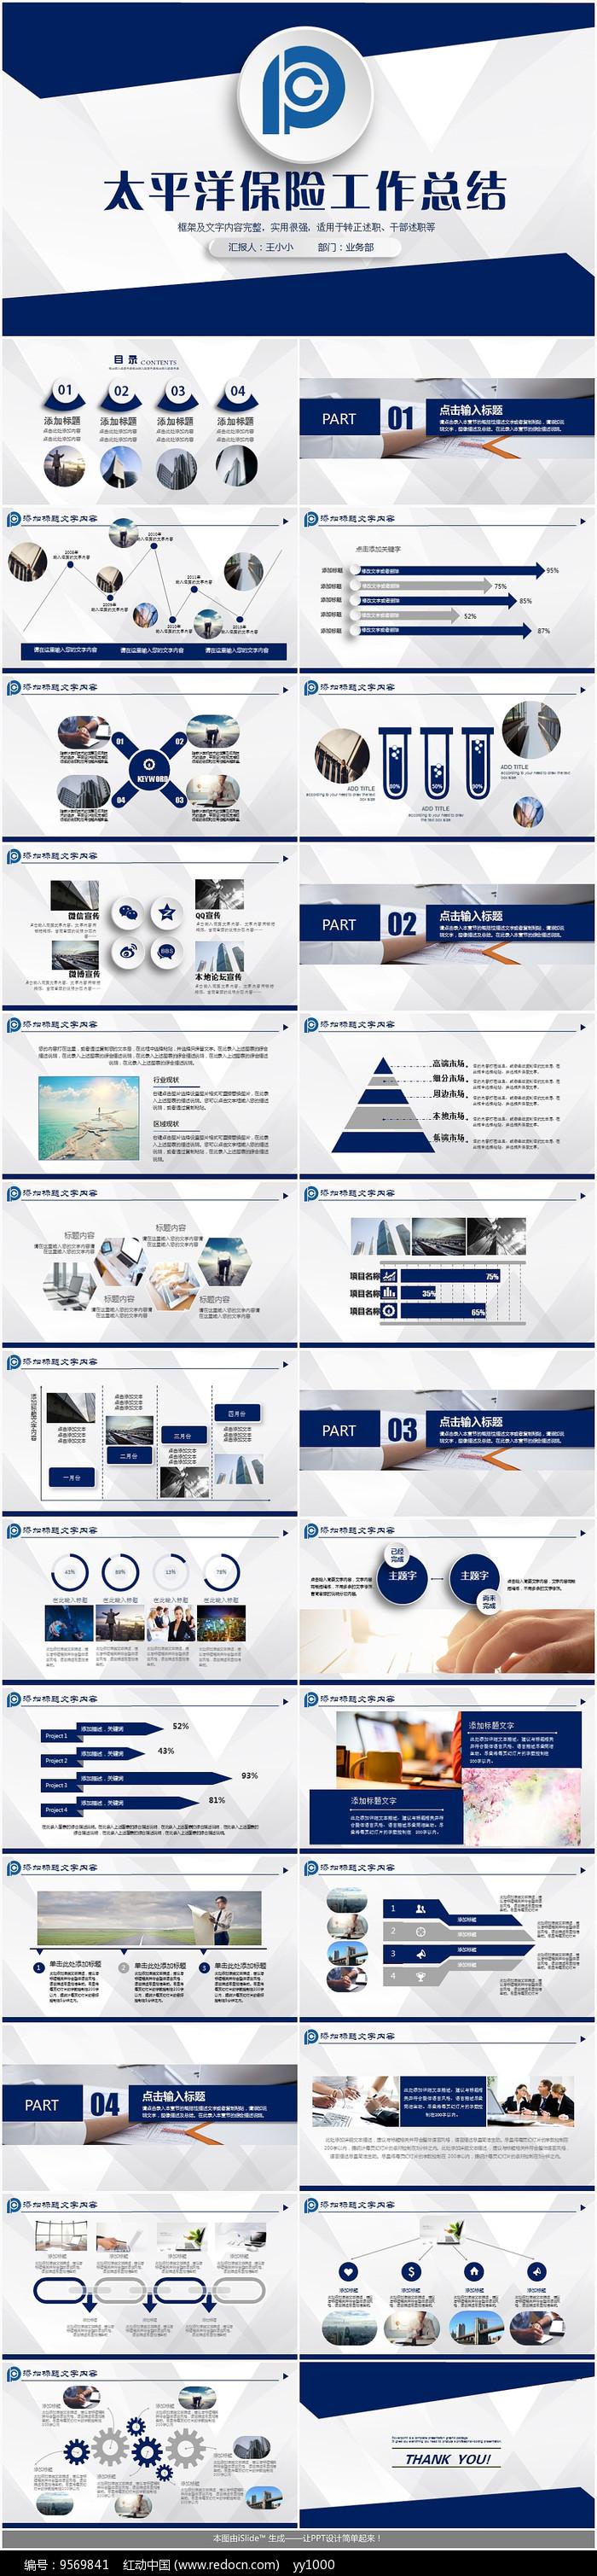 太平洋保险工作总结PPT模板图片